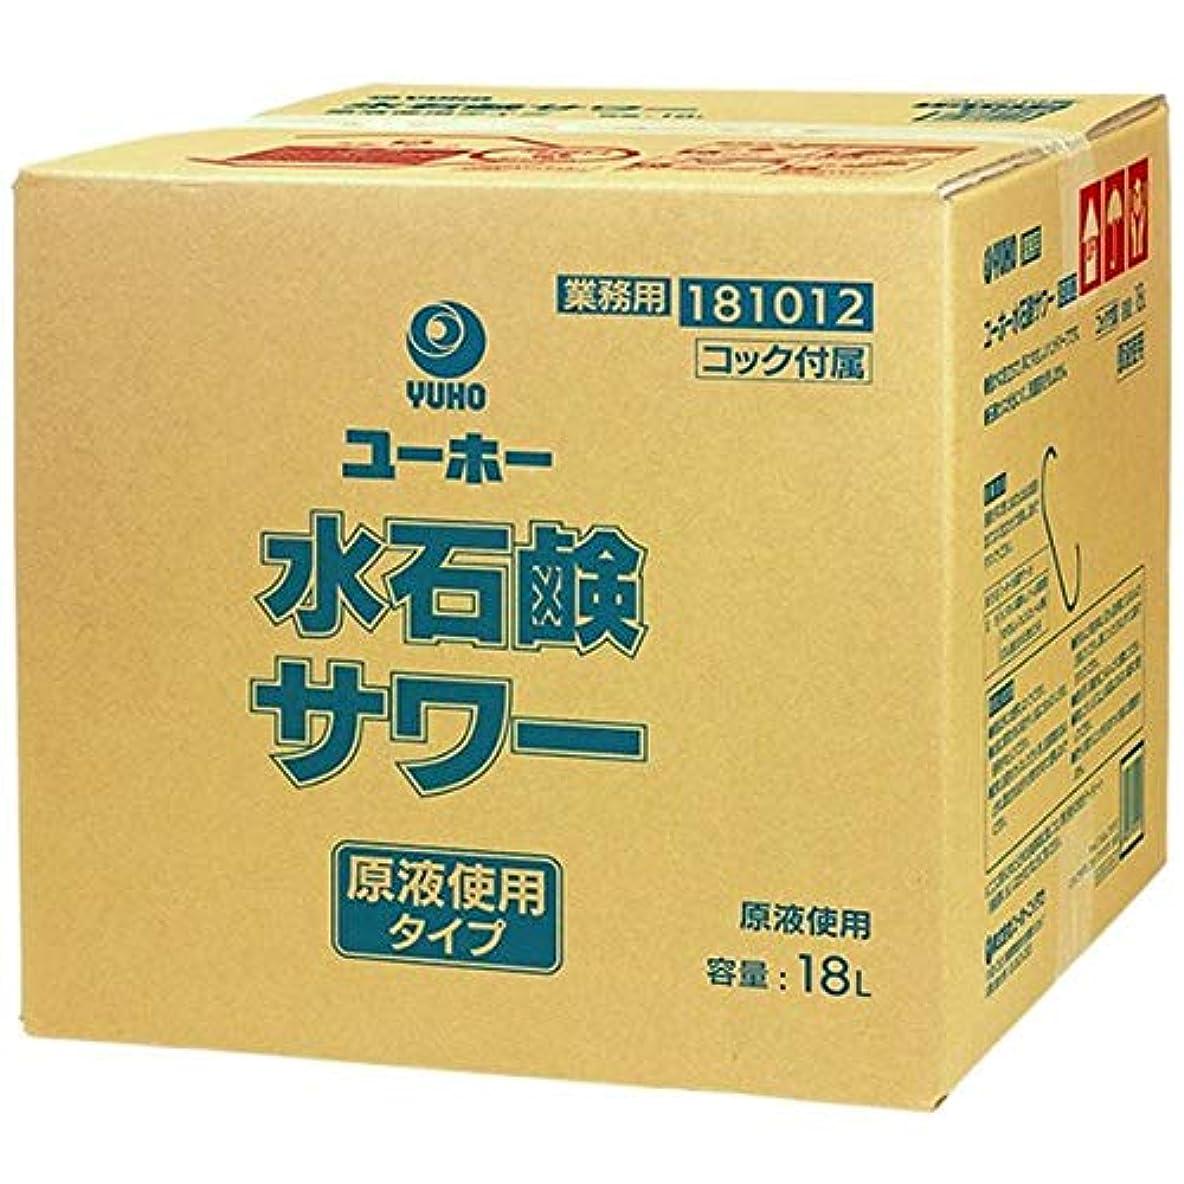 閃光寝室を掃除する打ち上げる業務用 ハンドソープ 水石鹸サワー 原液タイプ 18L 181011 (希釈しないで使用できる原液タイプのハンドソープ)